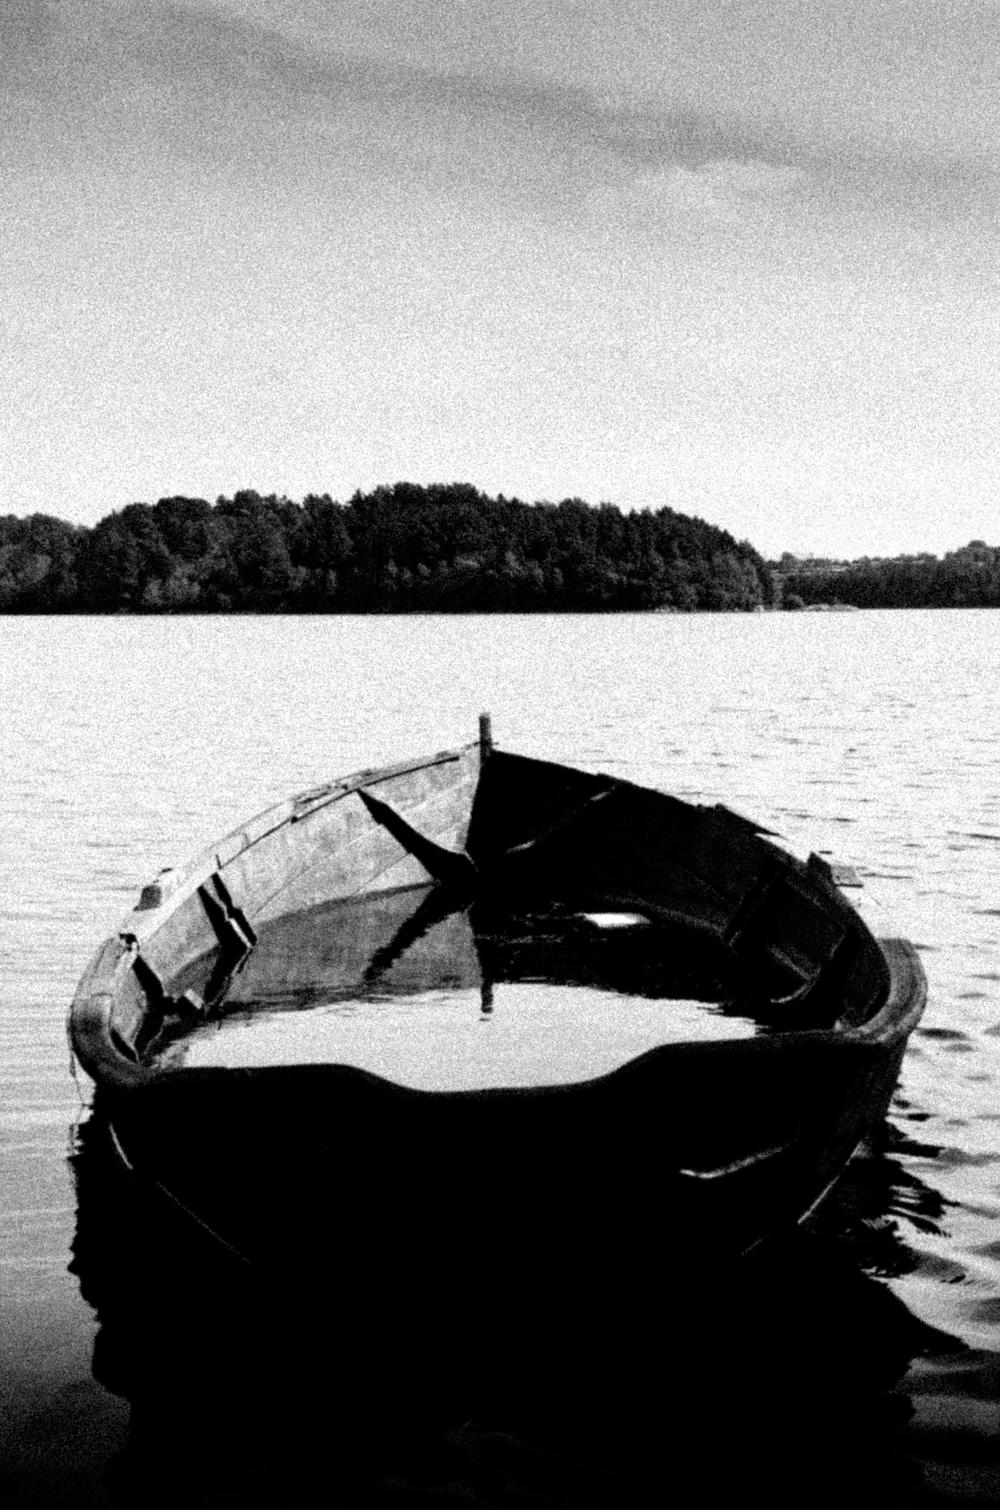 Båt gammel støy.jpg